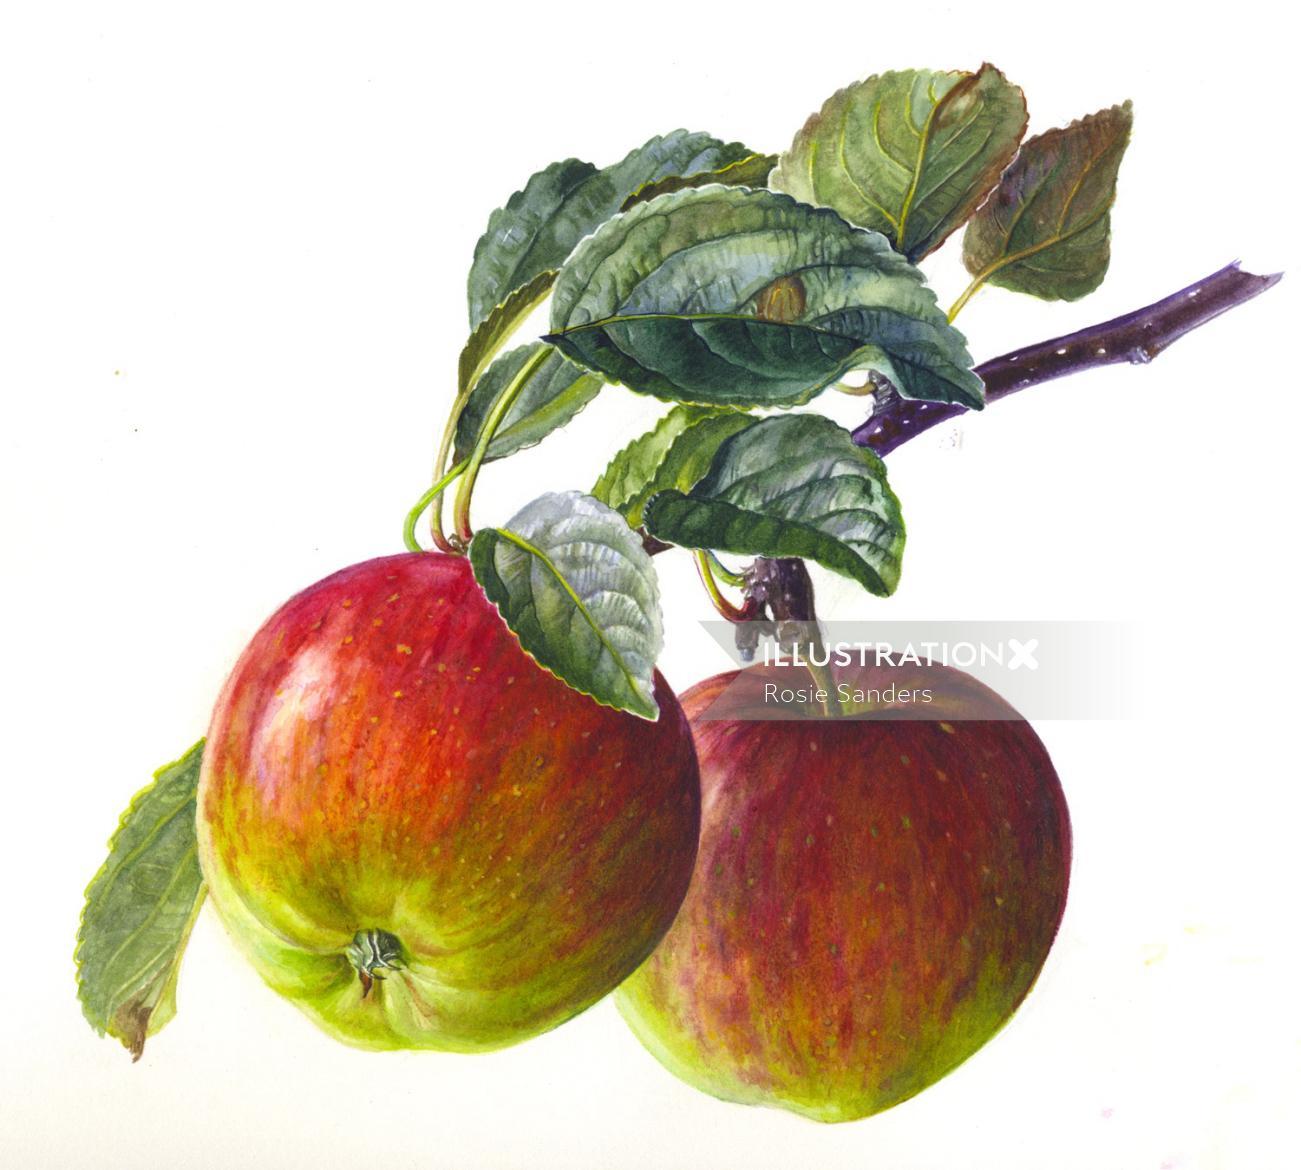 Apples illustration by Rosie Sanders